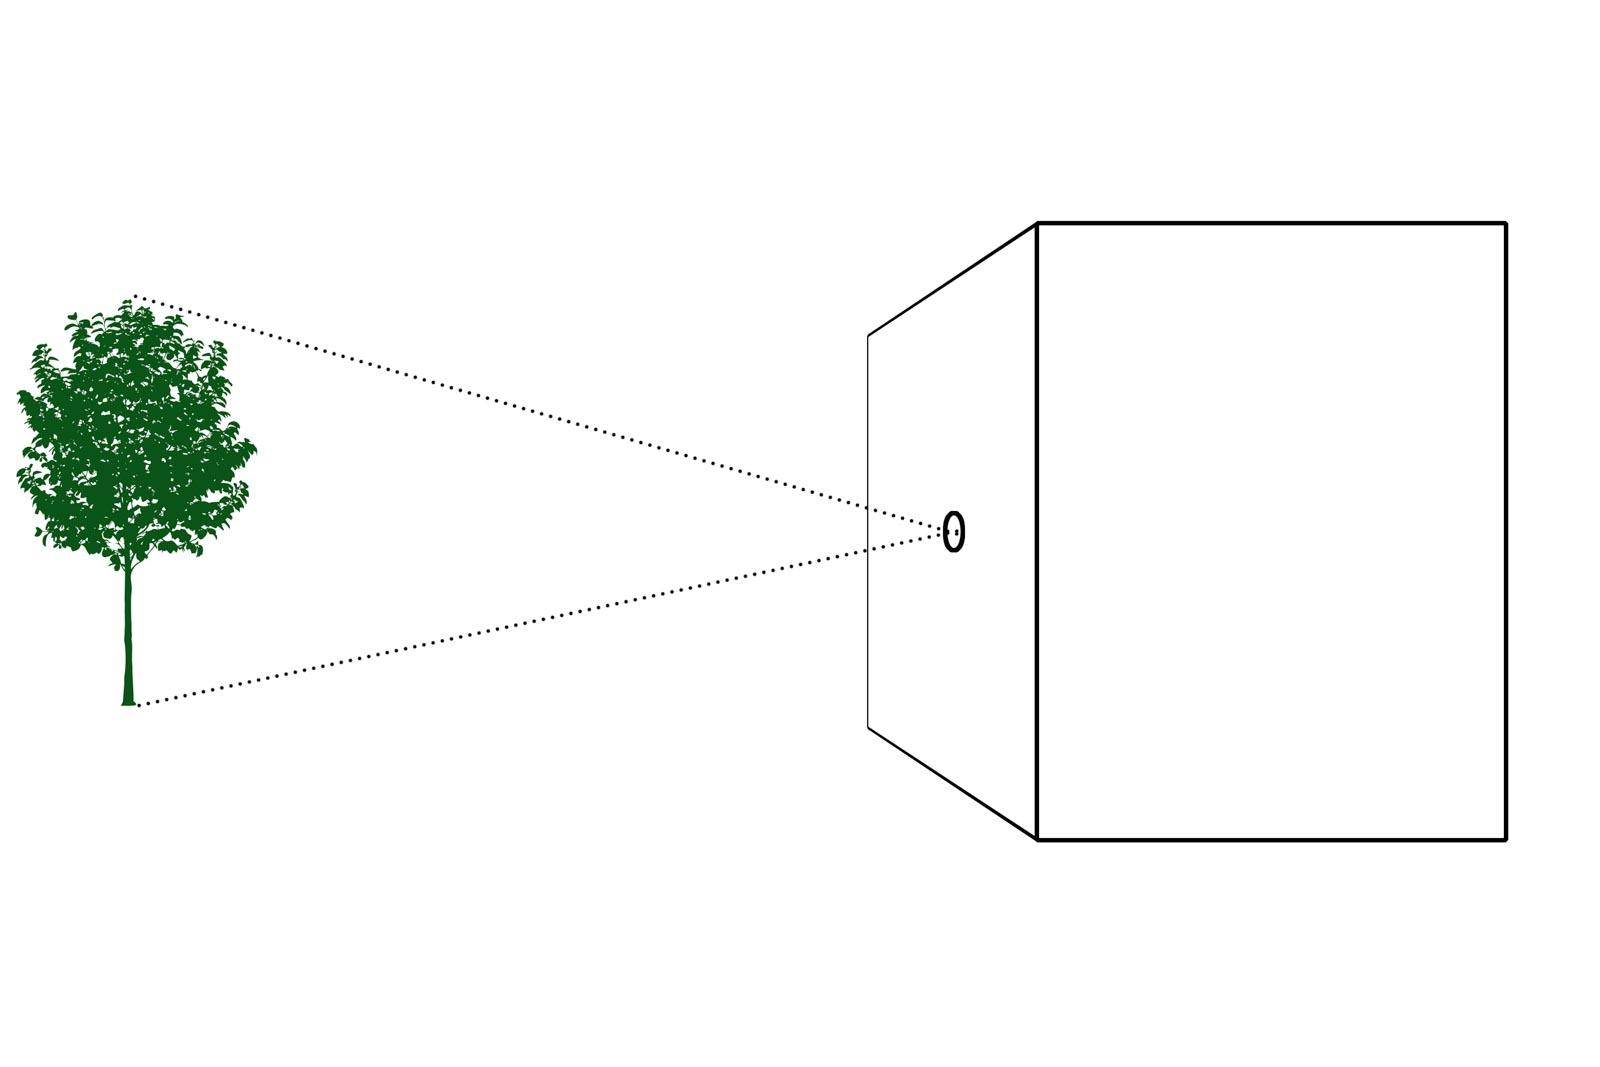 Principe van een camera obscura uitgelegd